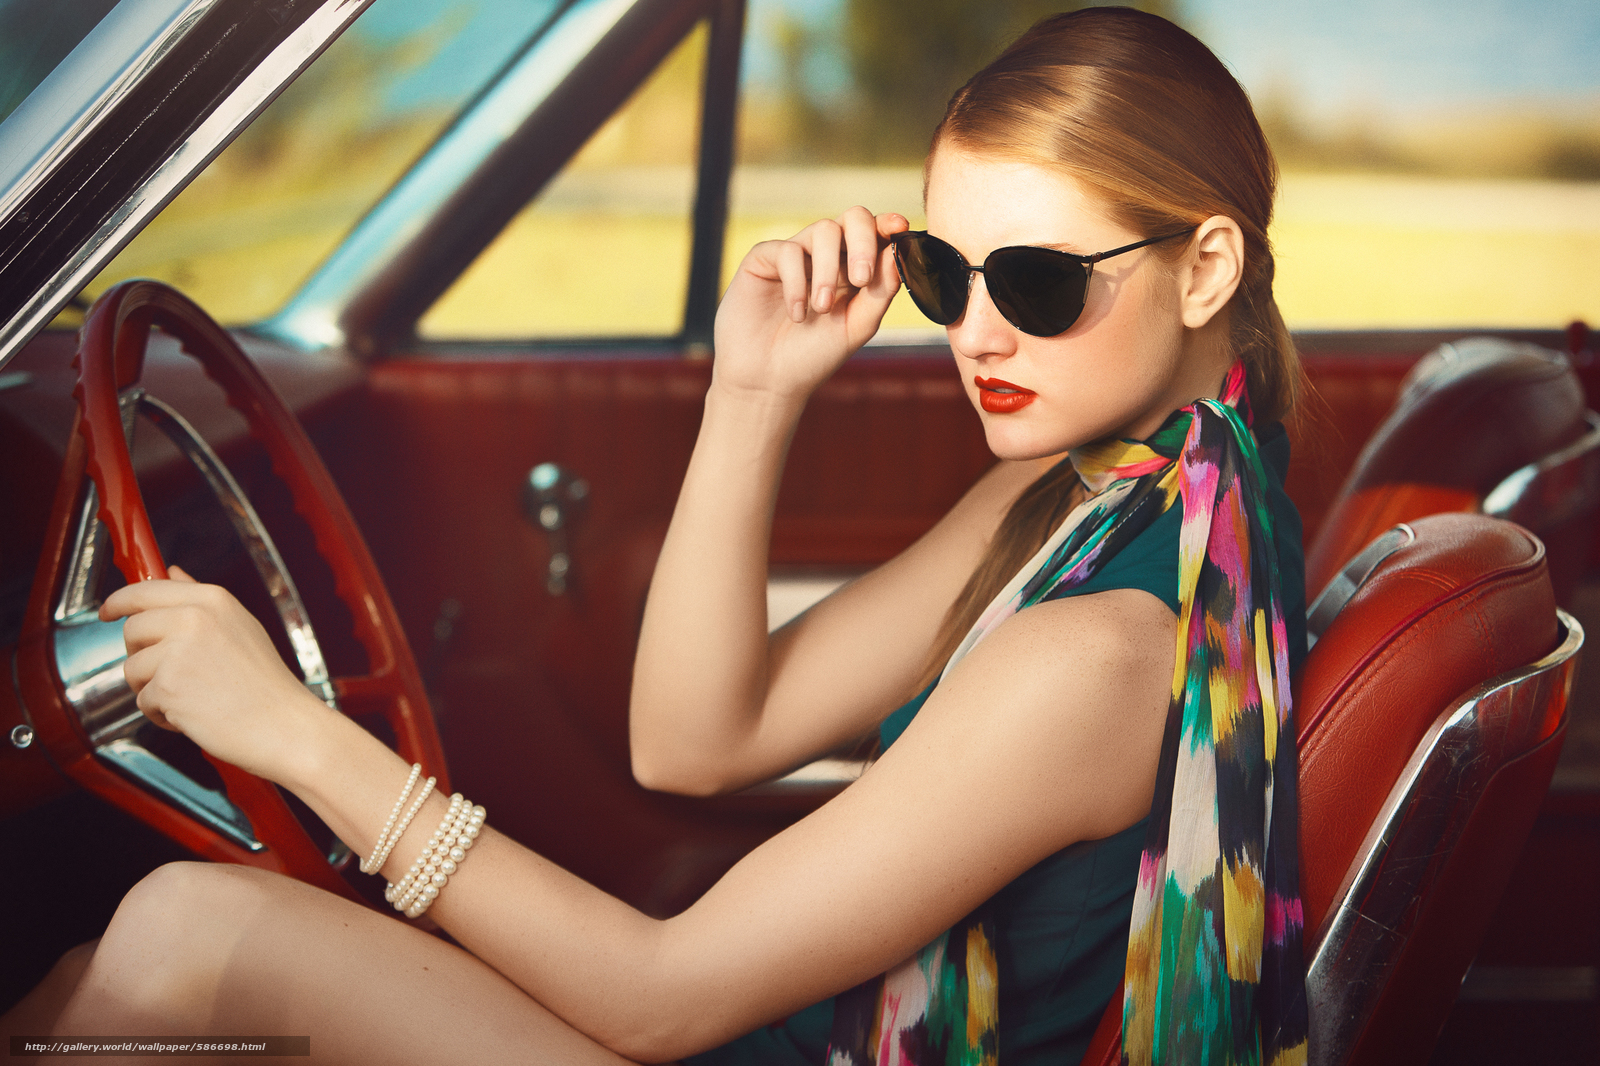 Скачать обои очки,  автомобиль,  девушка,  браслет бесплатно для рабочего стола в разрешении 2048x1365 — картинка №586698